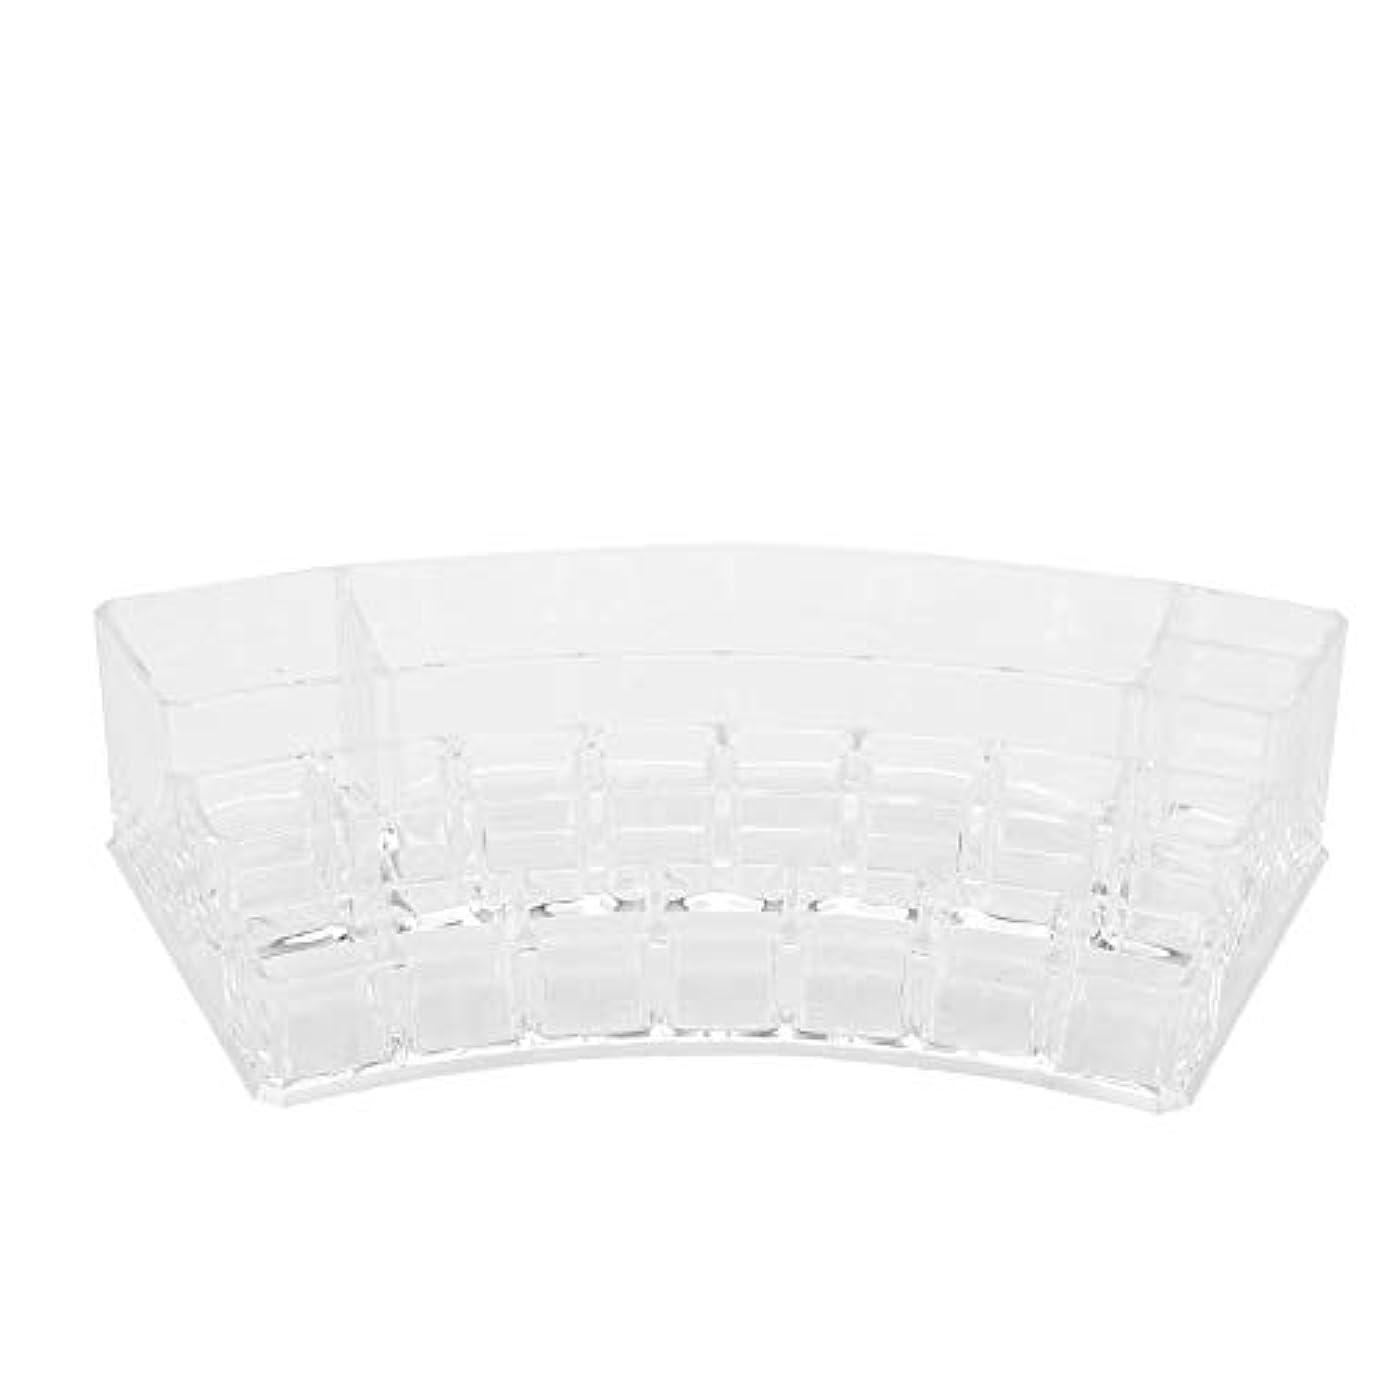 著作権ダムボウリング19グリッドプラスチック収納ボックス - ディスプレイケースネイルアートタトゥーツールオーガナイザー化粧品ディスプレイ